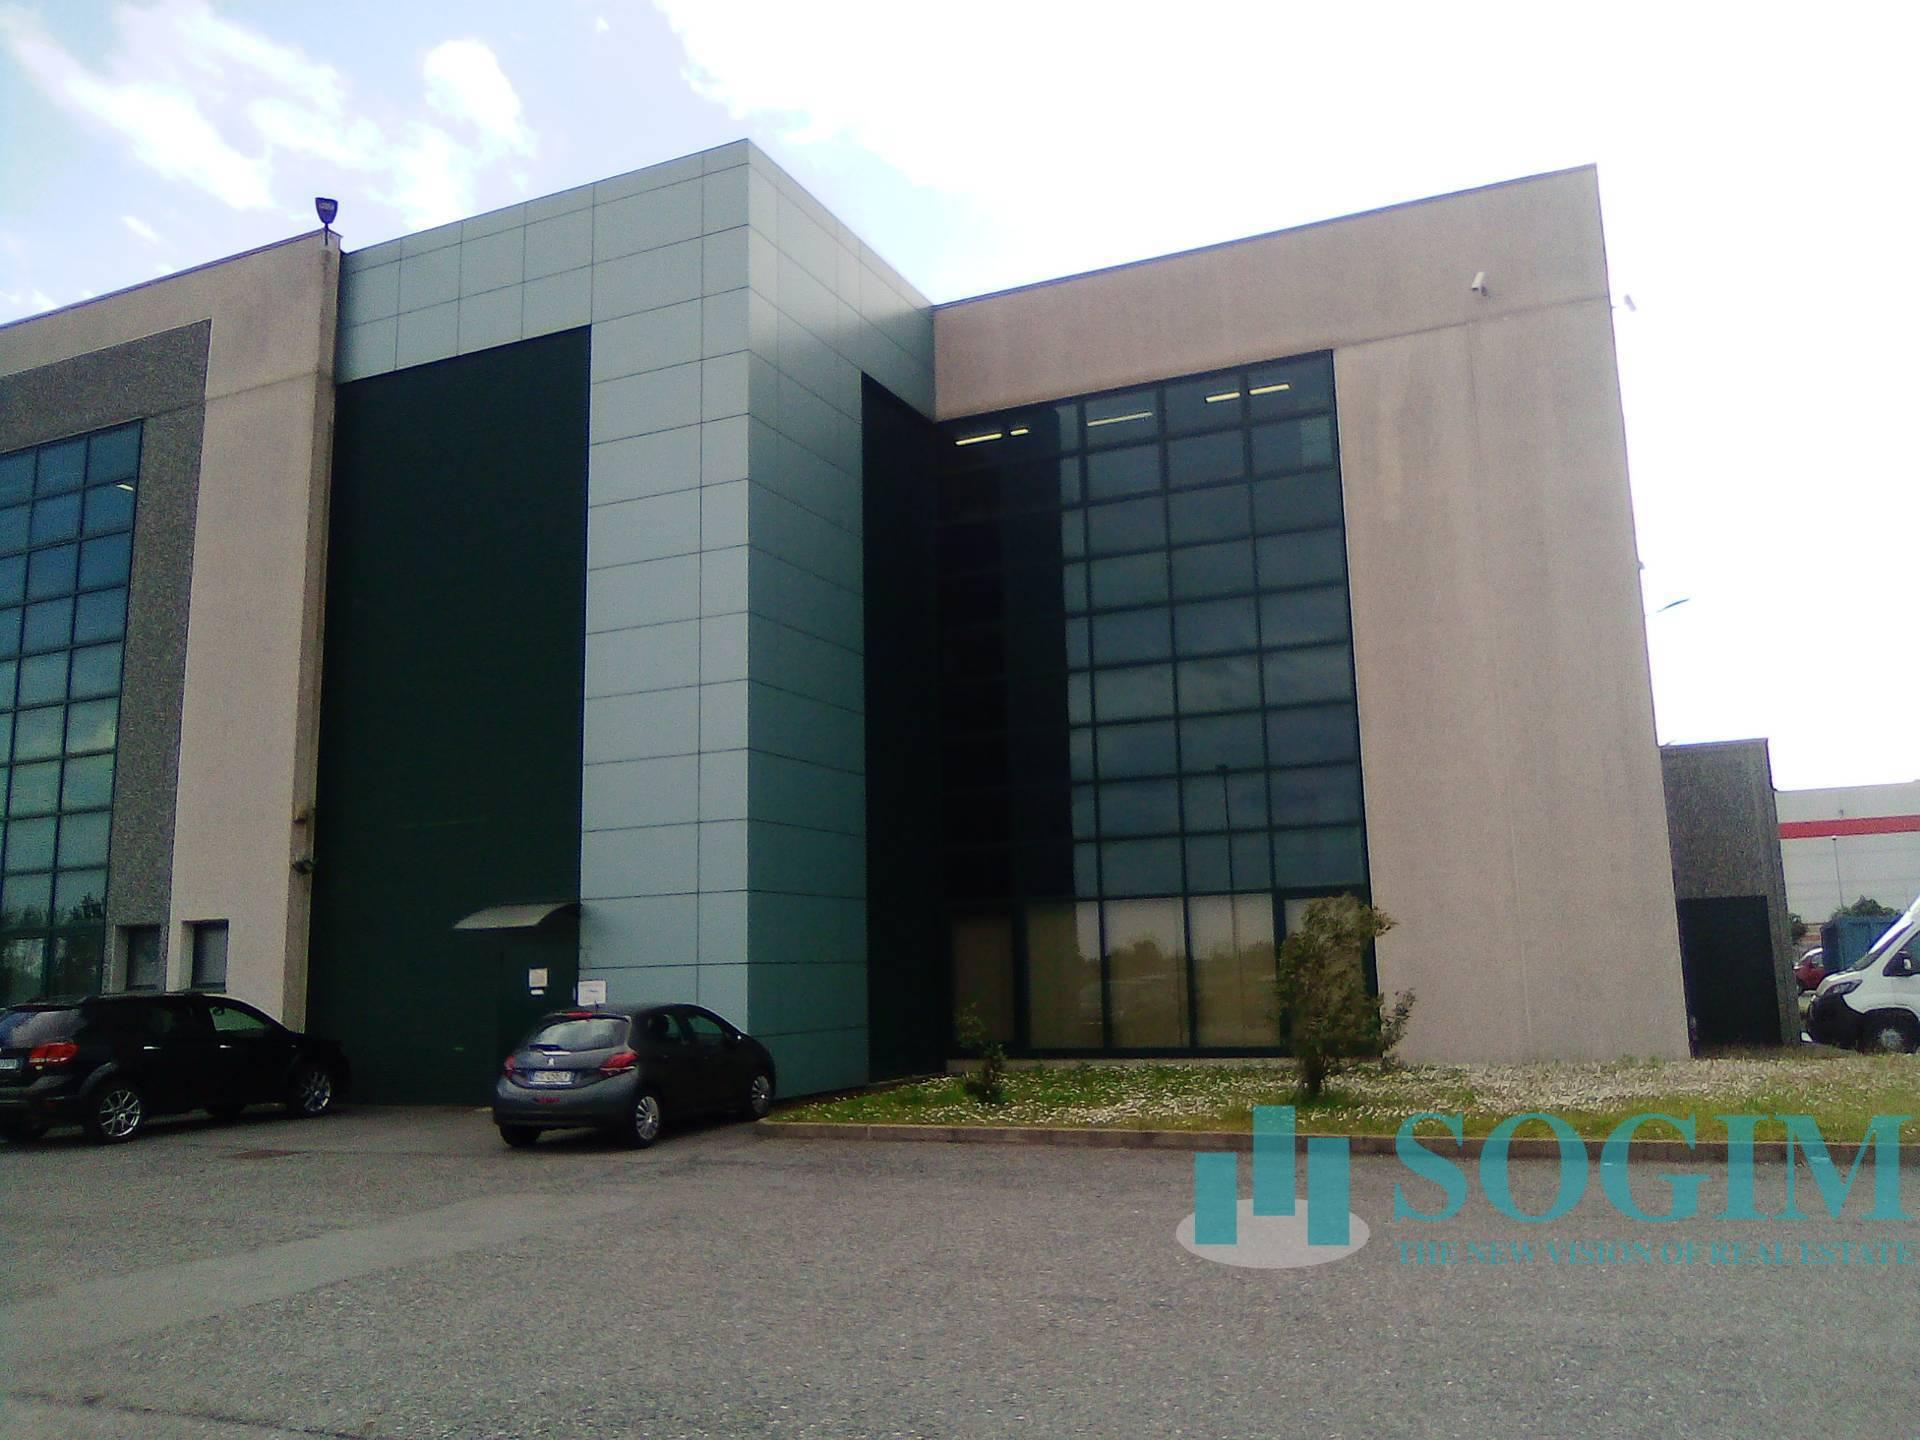 Vendita Laboratorio Commerciale/Industriale Abbiategrasso 268472